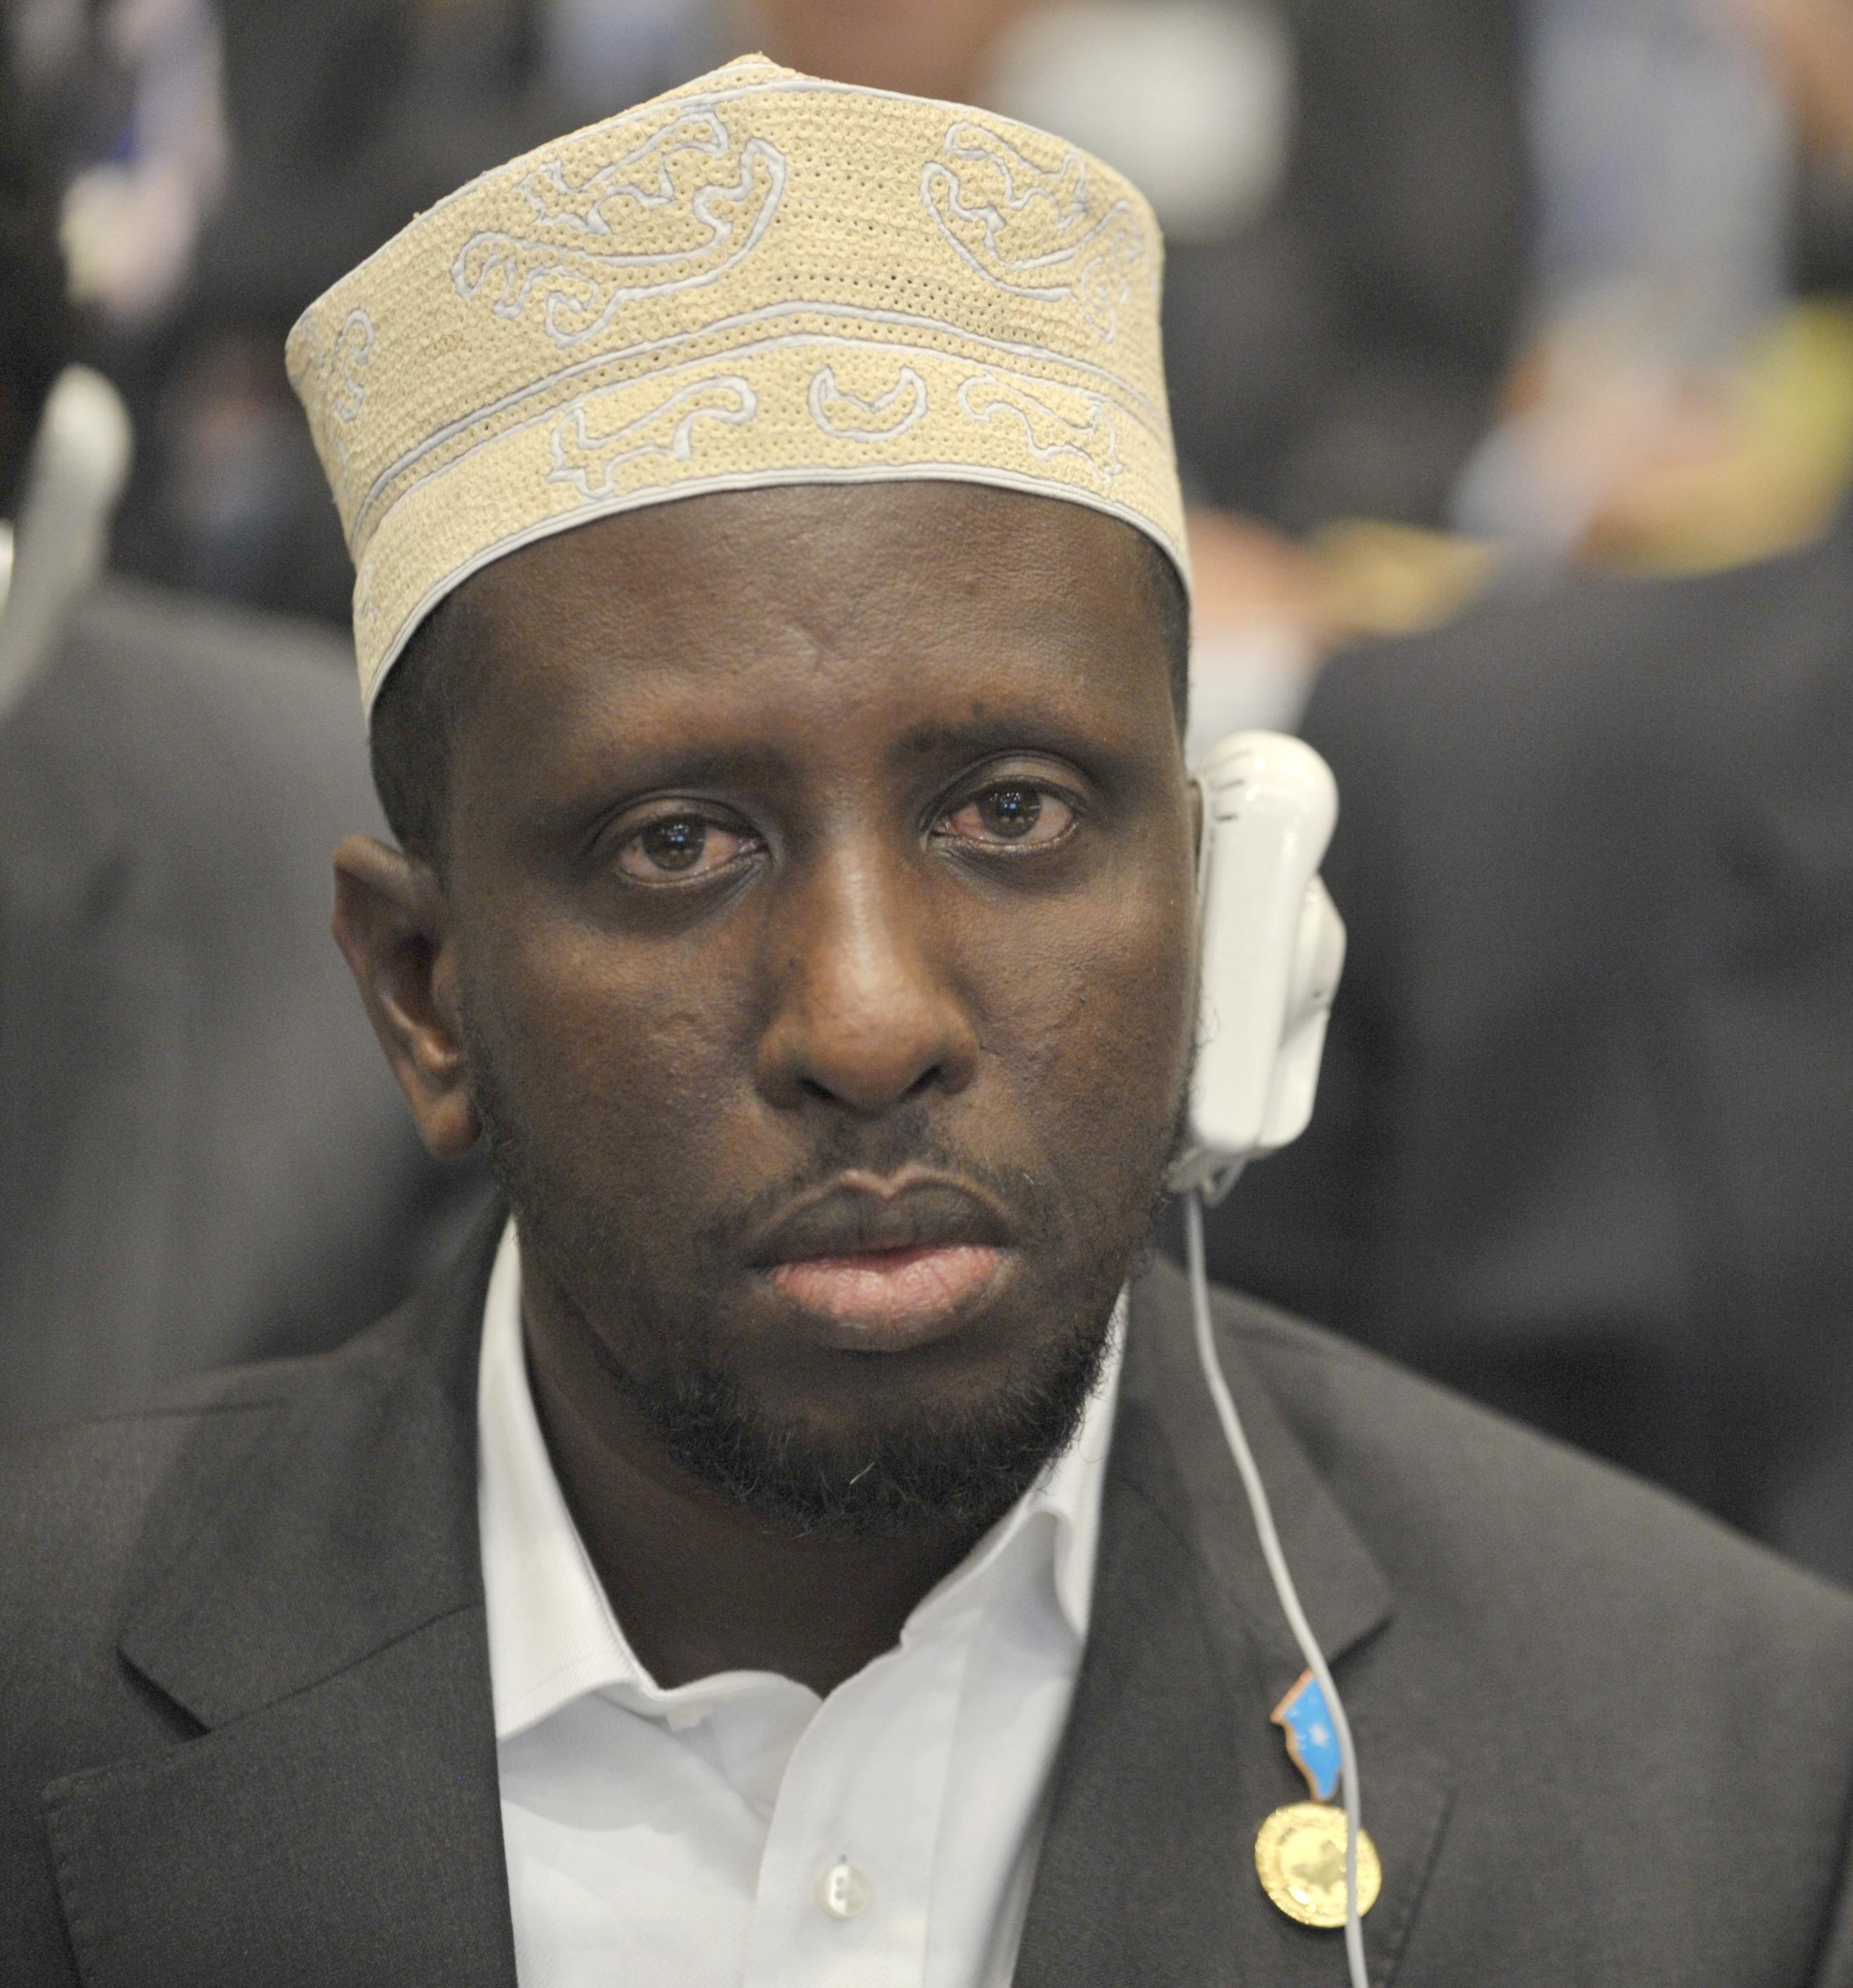 Sharif Sheikh Ahmed Alchetron The Free Social Encyclopedia